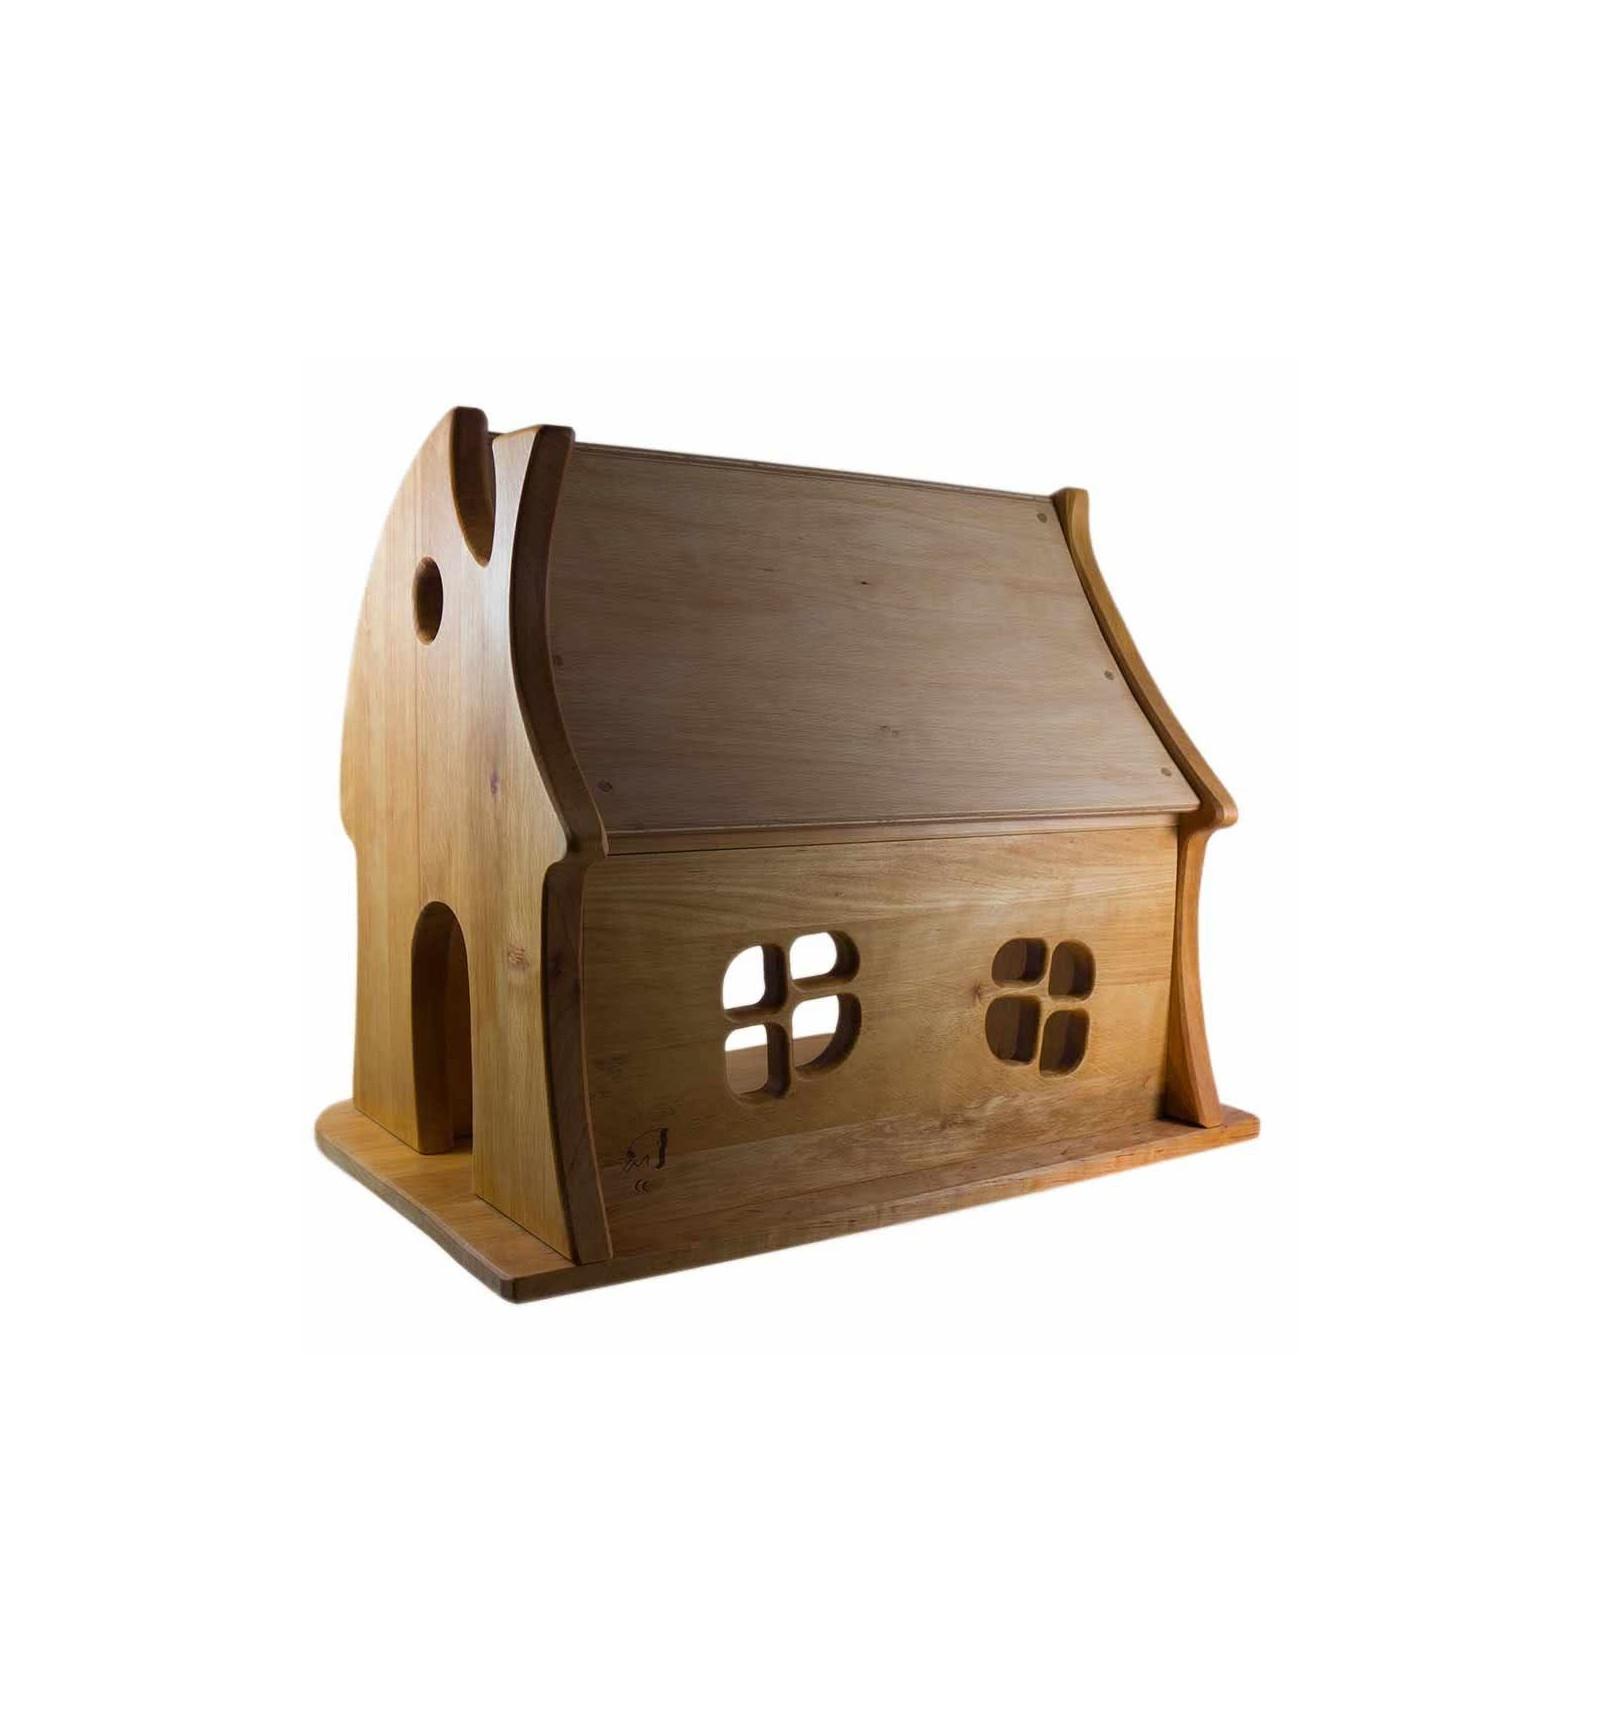 Märchenhaus puppenhaus aus holz   verneuer verneuer